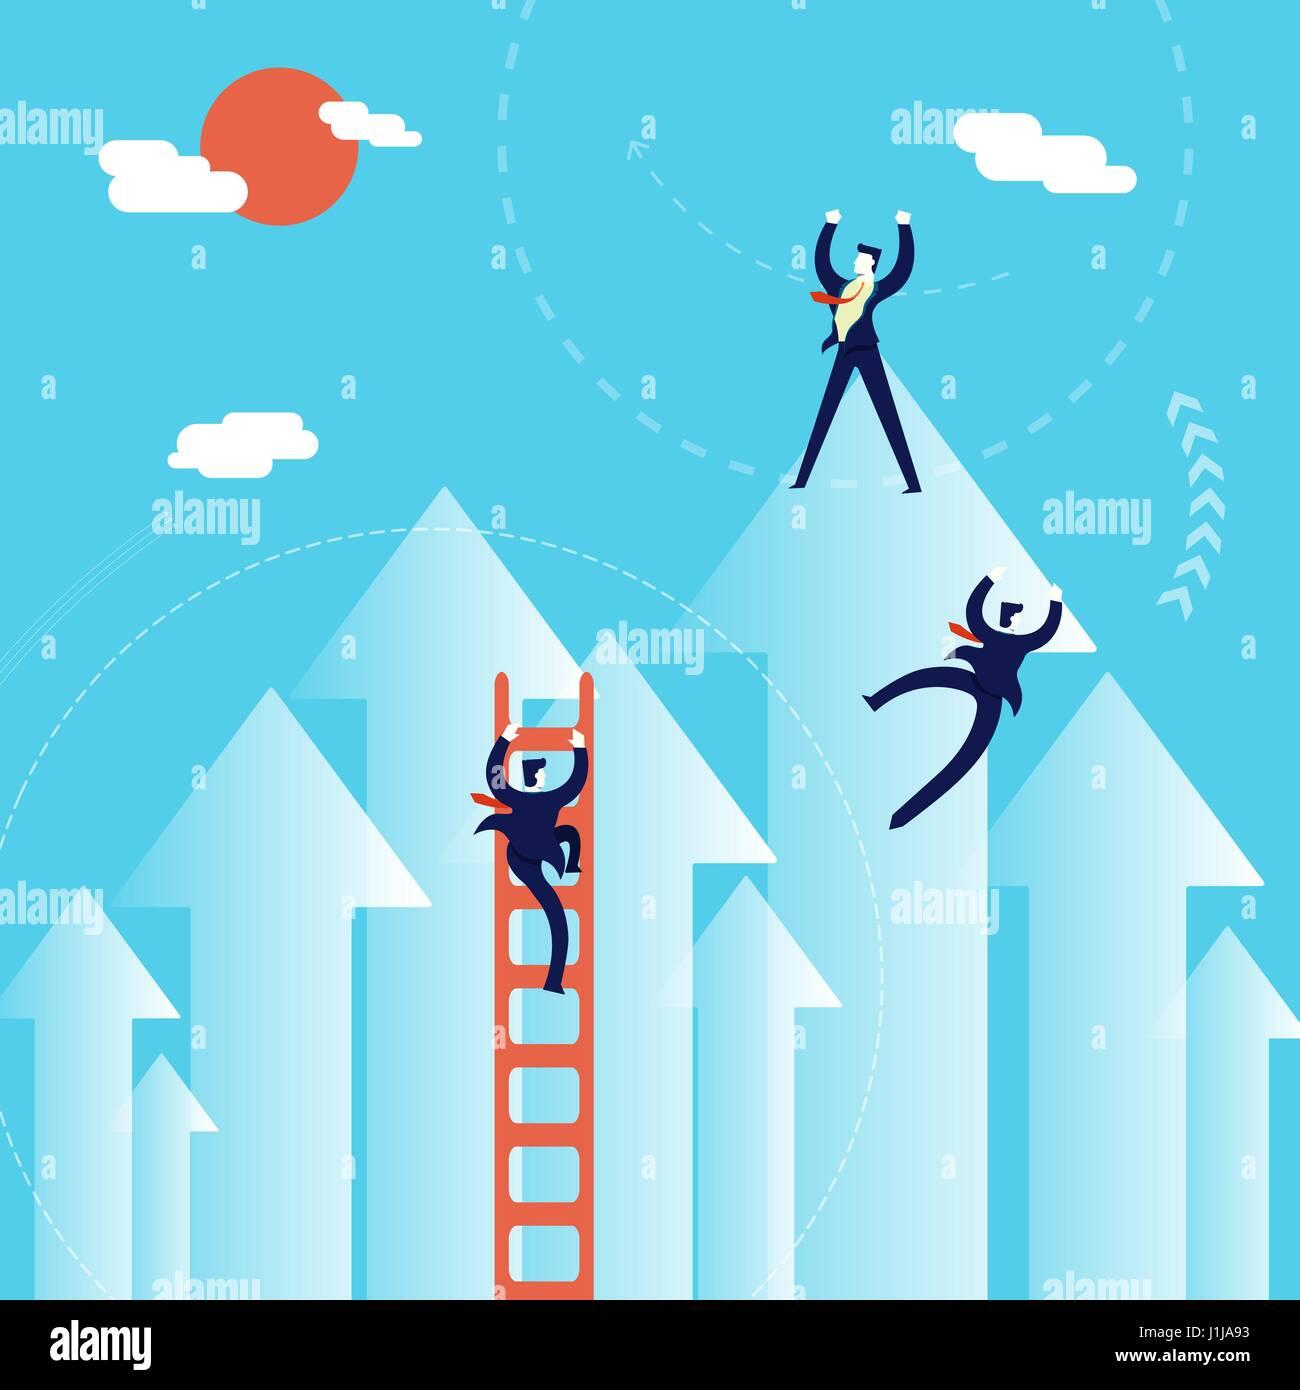 La crescita aziendale concetto illustrazione, imprenditori arrampicata team di direzione positiva per il successo. Immagini Stock